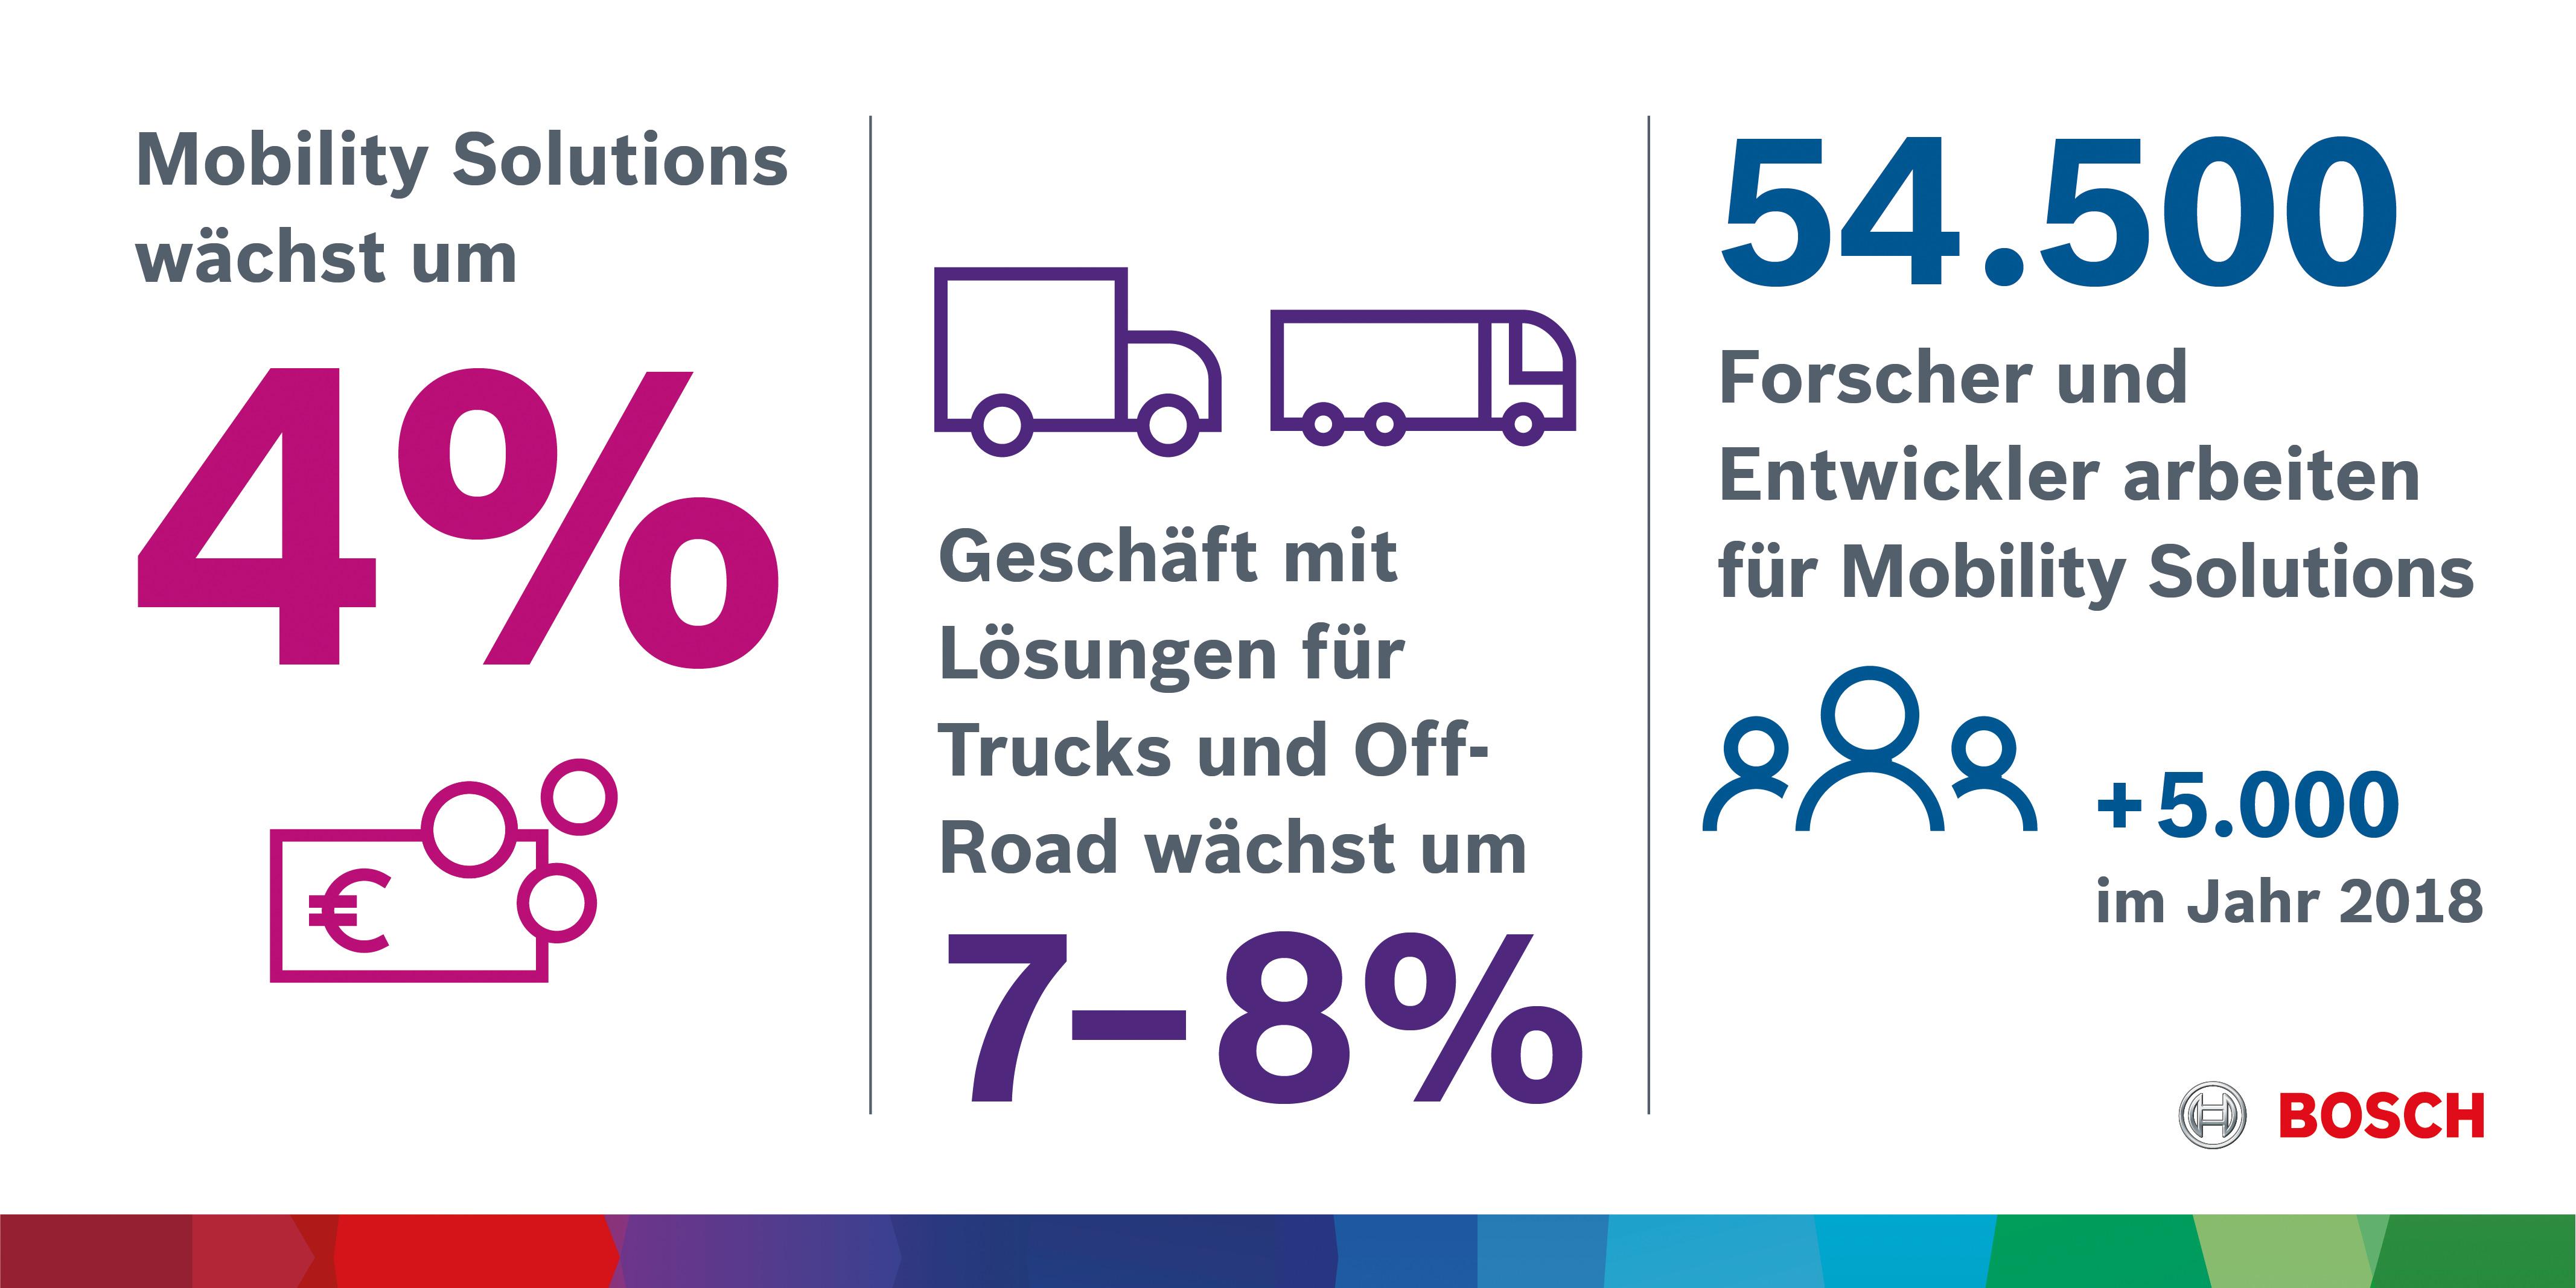 Bosch ist weiterhin auf Wachstumskurs